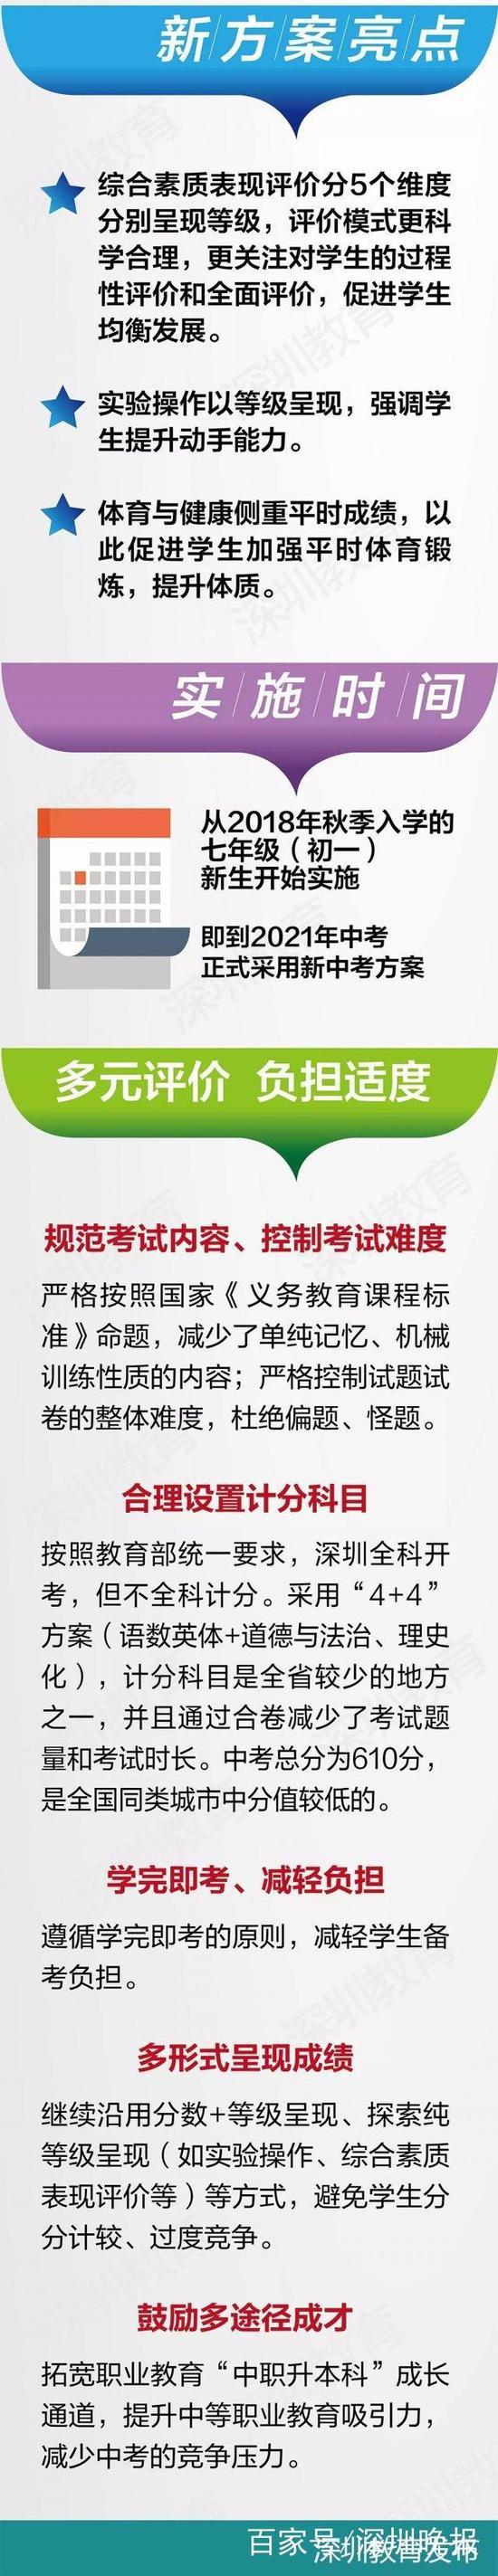 深圳晚报记者 王宇